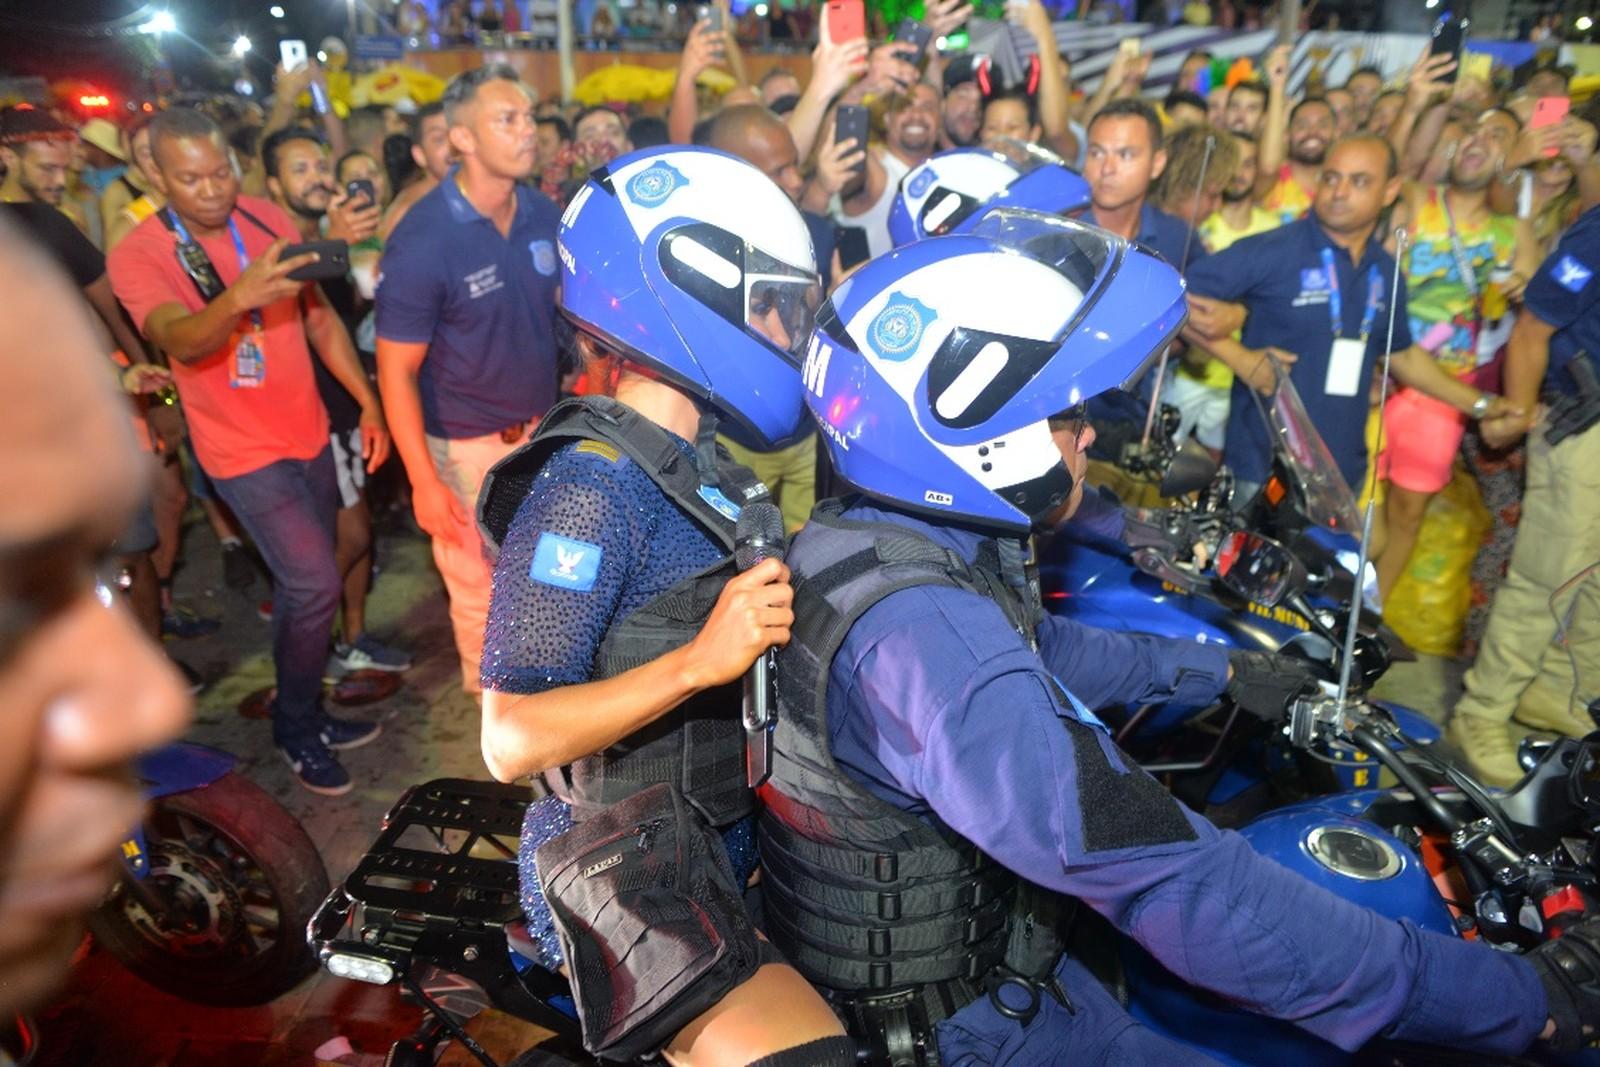 Primeiro dia de carnaval de Salvador 2020 - circuito Barra/Ondina — Foto: Joilson César/Ag Haack